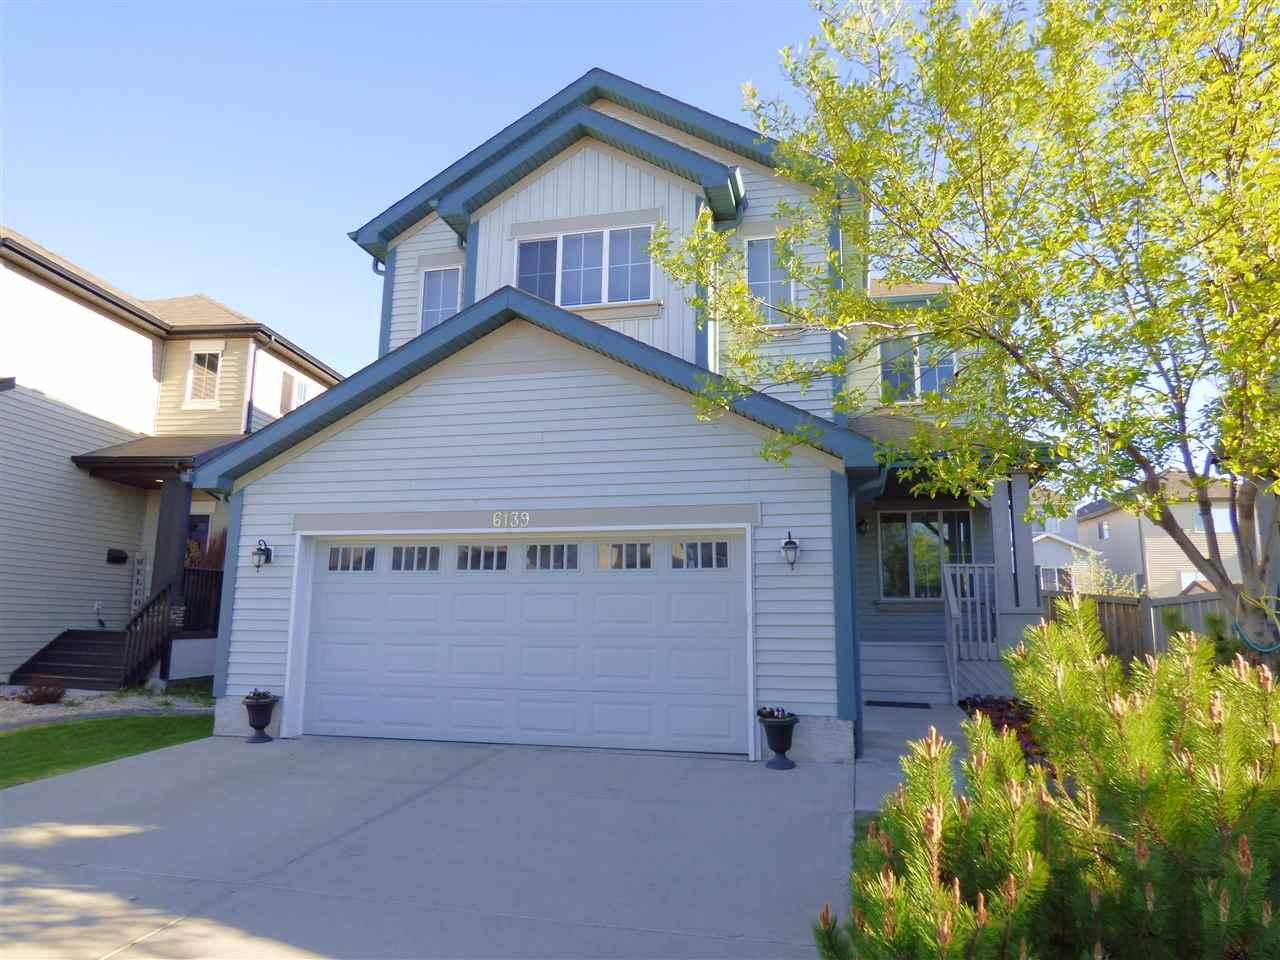 6139 10 Avenue, Edmonton, MLS® # E4154257